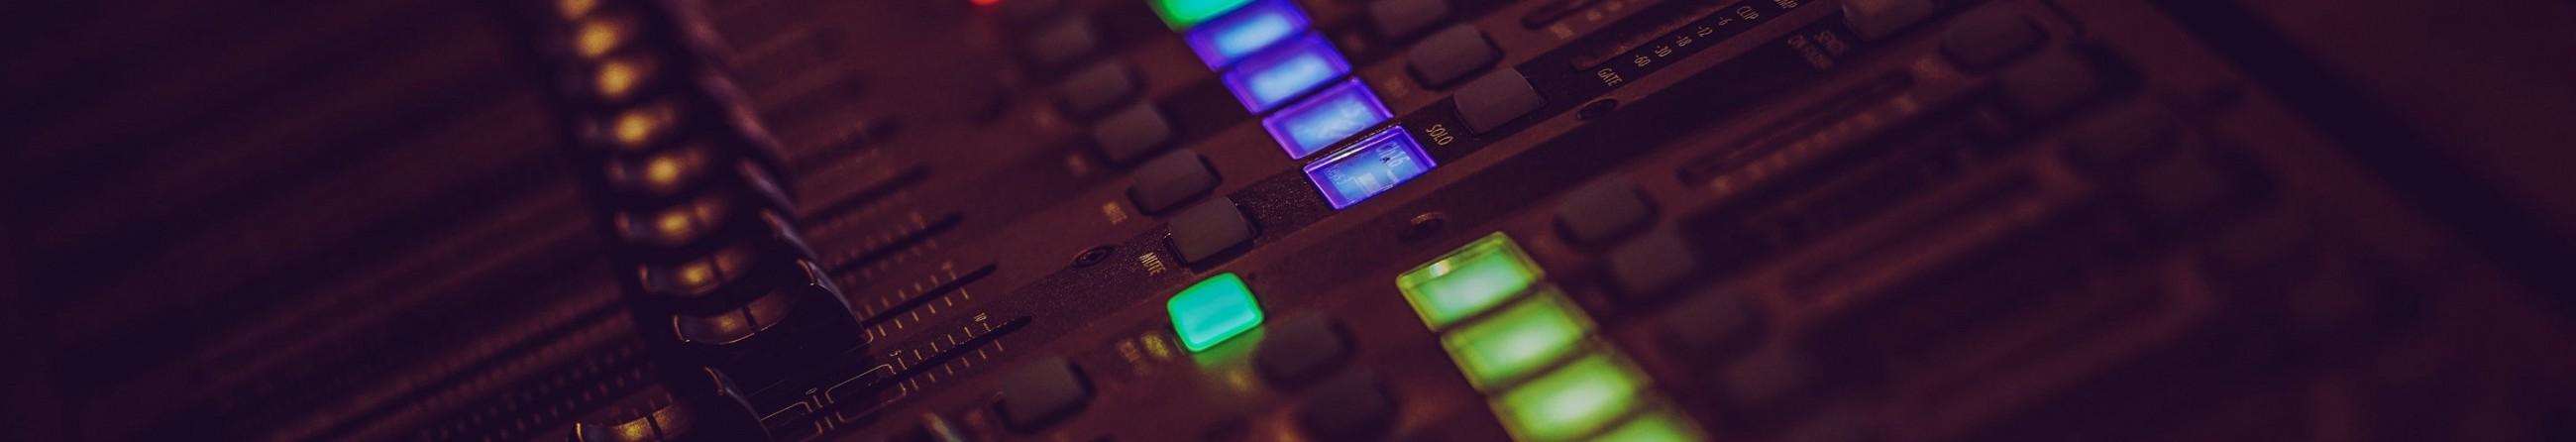 /mixing-junit4-and-junit5-2da44956de8c feature image